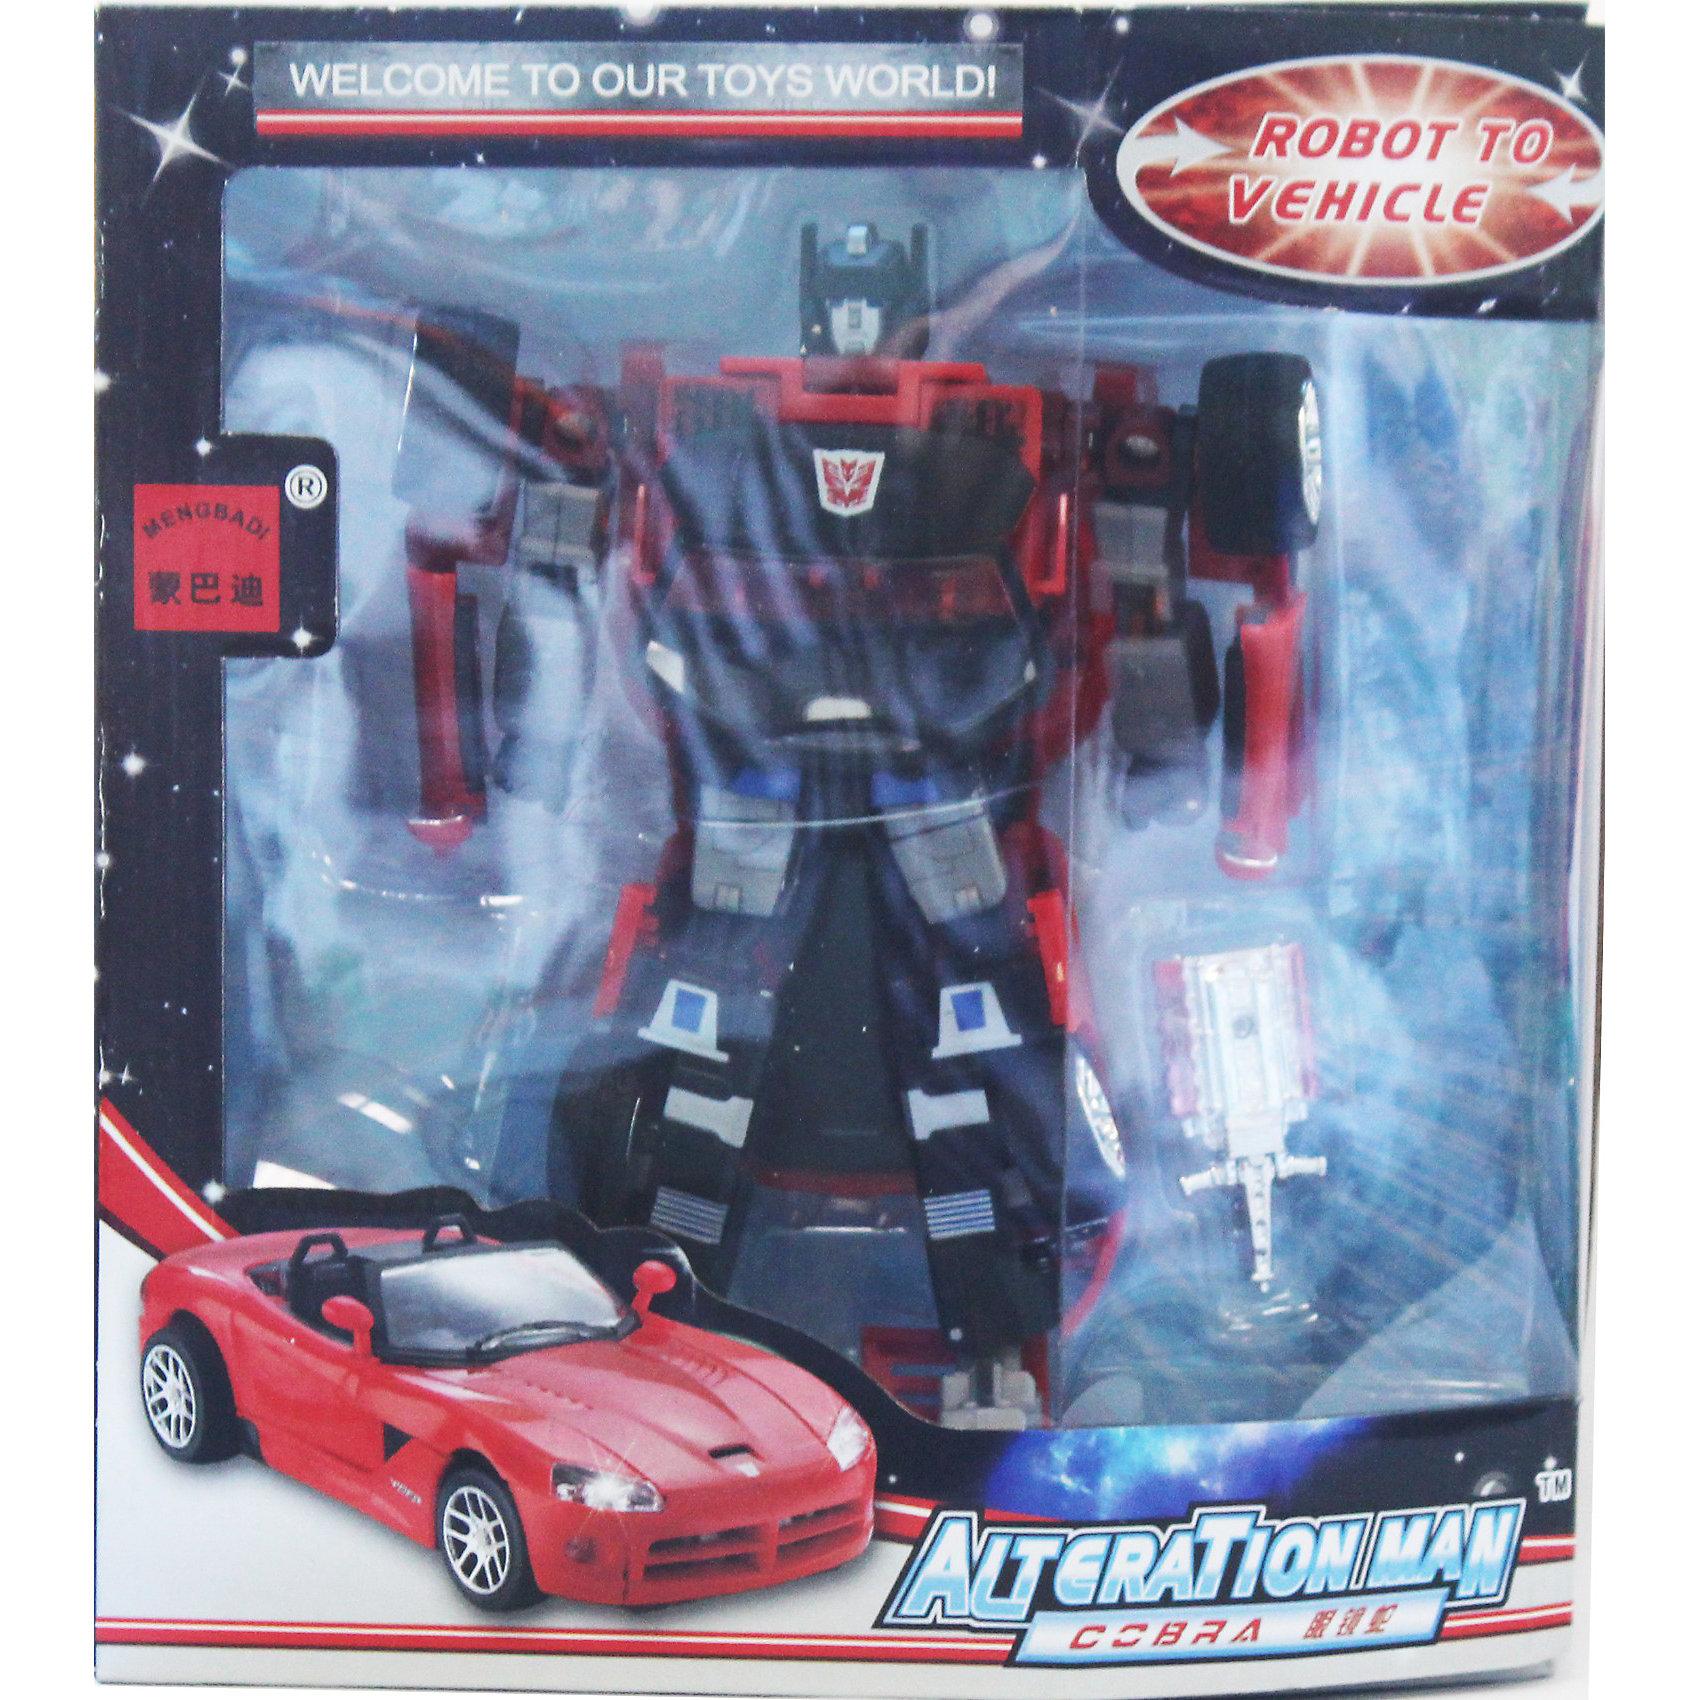 Робот-трансформер: Собирается в Кабриолет XXL, Play LineРобот-трансформер: Собирается в Кабриолет XXL, Play Line (Плэй Лайн)-это уникальная игрушка для мальчиков.<br><br>Робот имеет высококачественное исполнение и выполнен в ярко-красном цвете. Легко трансформируется в стильную и мощную машину-кабриолет. С помощью игрушки ребята могут создавать новые увлекательные сюжеты для игр, что позволяет развивать логическое мышление, воображение, мелкую моторику рук.<br><br>Дополнительная информация:<br><br>- Размеры: 25х22х9 см<br>- Материал: пластмасса<br>- Вес: 370 г<br><br>Создайте все условия для интересного досуга ребенка-пополните его коллекцию трансформеров еще одним замечательным набором!<br><br>Робот-трансформер: Собирается в Кабриолет XXL, Play Line (Плэй Лайн) можно купить в нашем магазине.<br><br>Ширина мм: 120<br>Глубина мм: 300<br>Высота мм: 410<br>Вес г: 450<br>Возраст от месяцев: 36<br>Возраст до месяцев: 144<br>Пол: Мужской<br>Возраст: Детский<br>SKU: 3539025